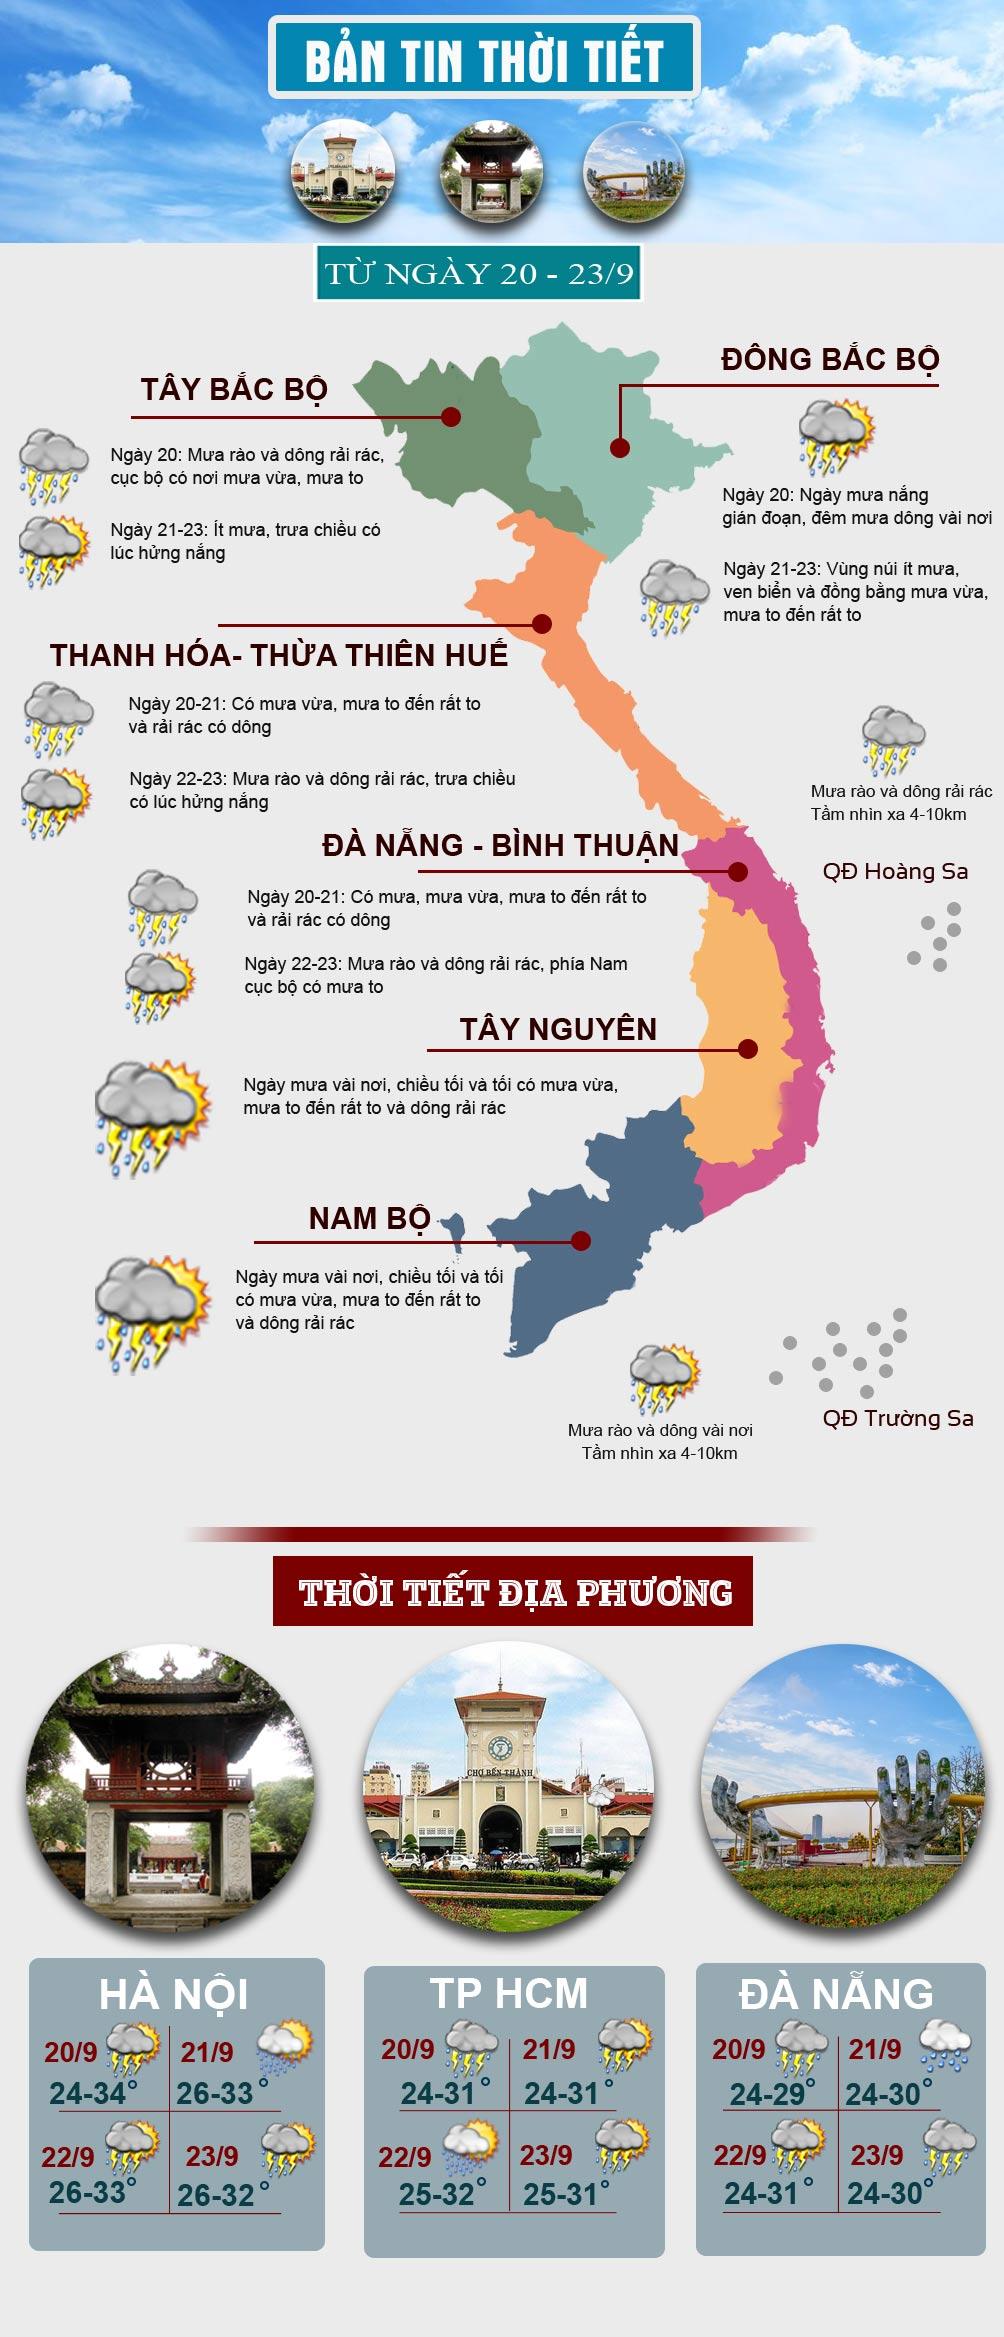 Thời tiết đầu tuần: Miền Bắc mưa nắng thất thường, miền Nam mưa to về chiều tối - 1